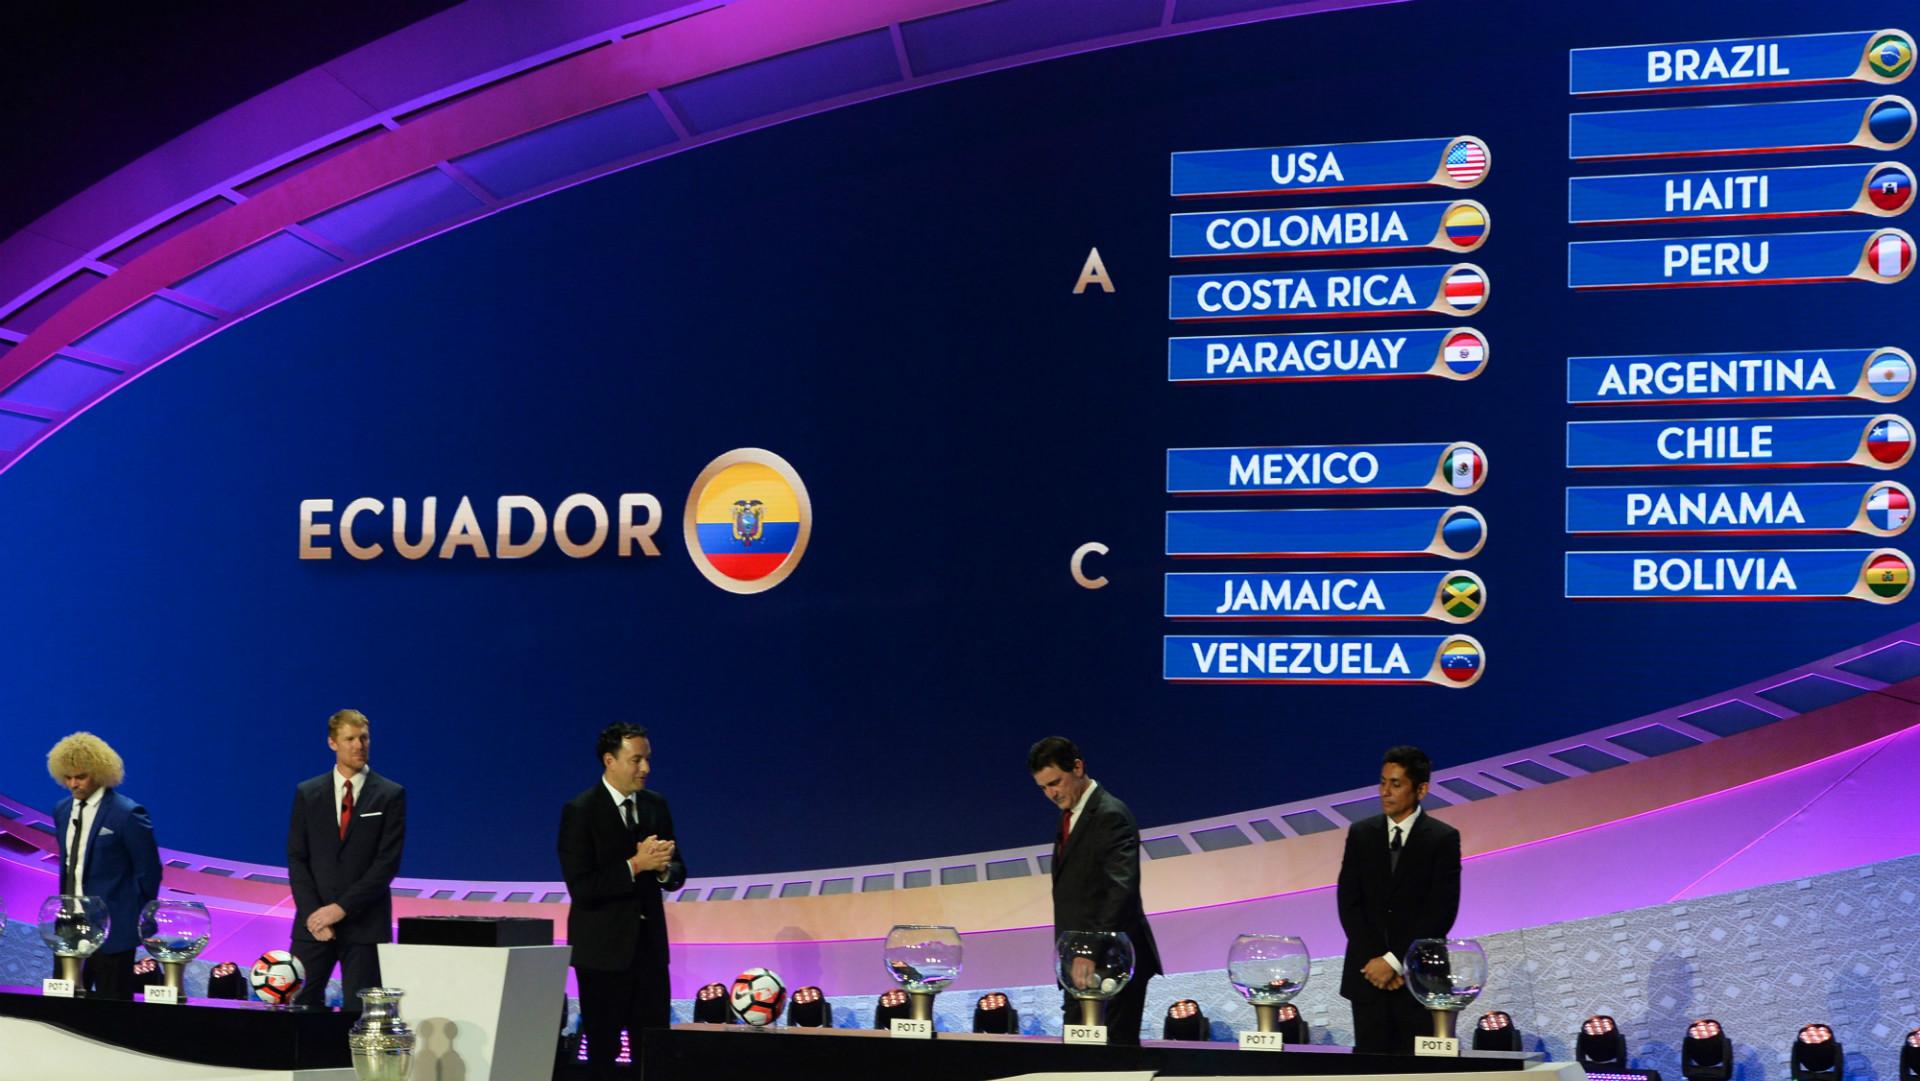 Copa America Centenario Draw Carlos Valderrama Alexi Lalas Mario Kempes Jorge Campos 02212016